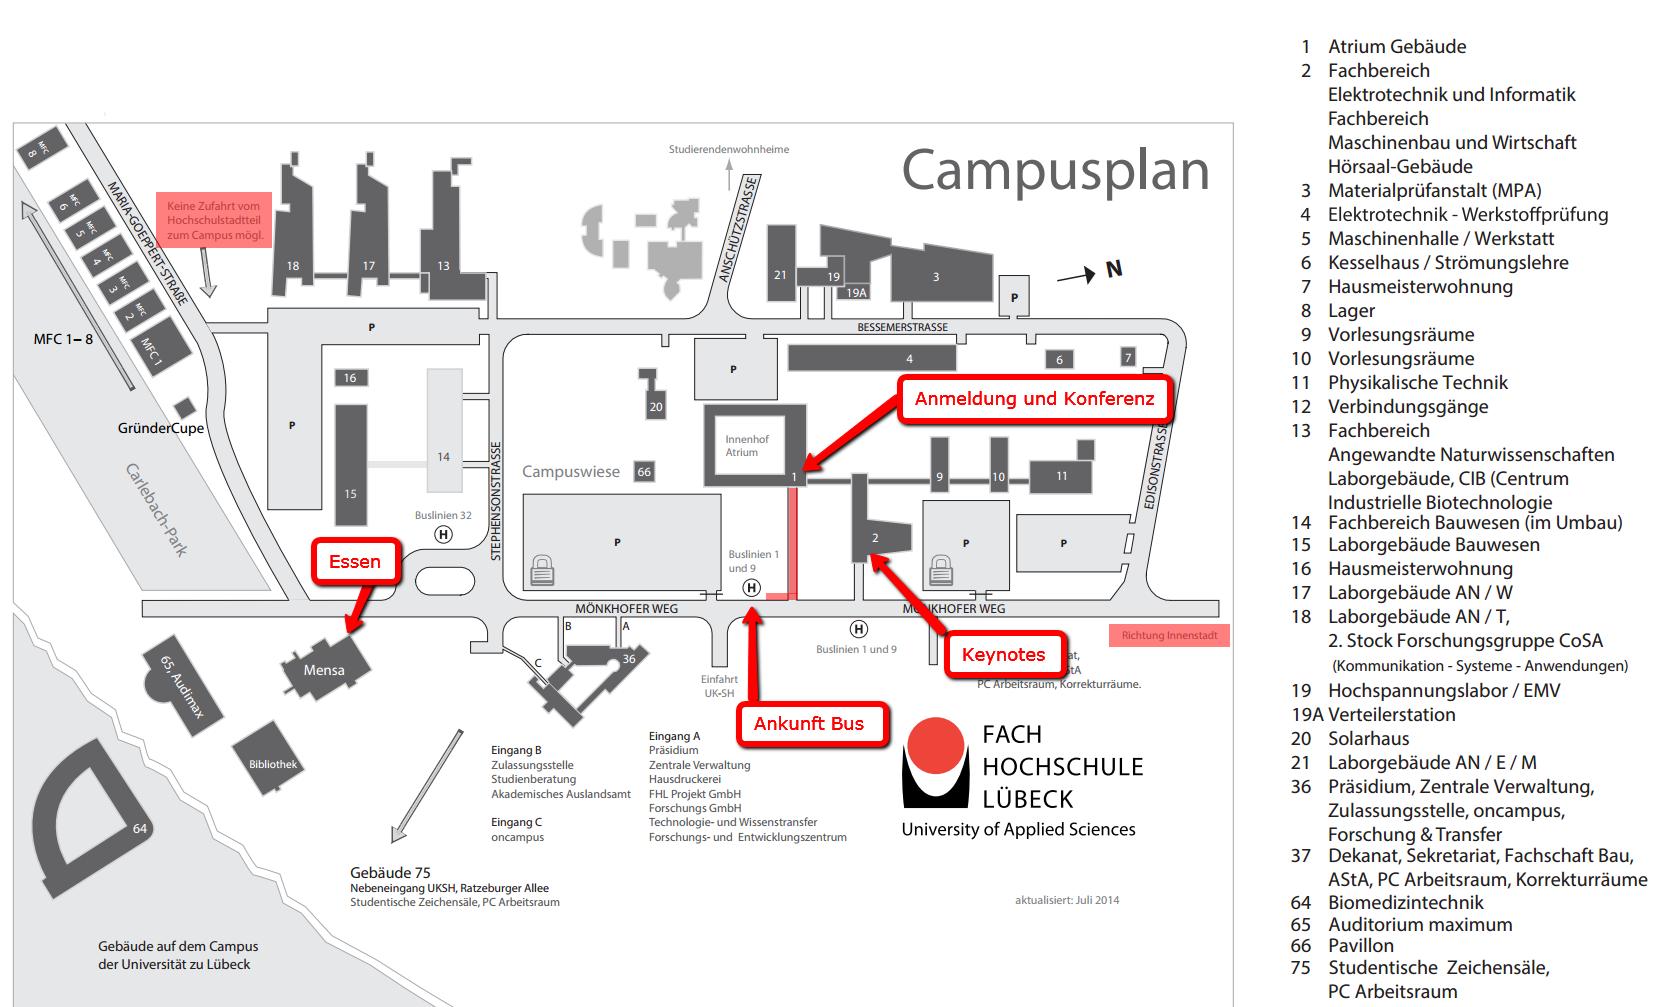 Campusplan